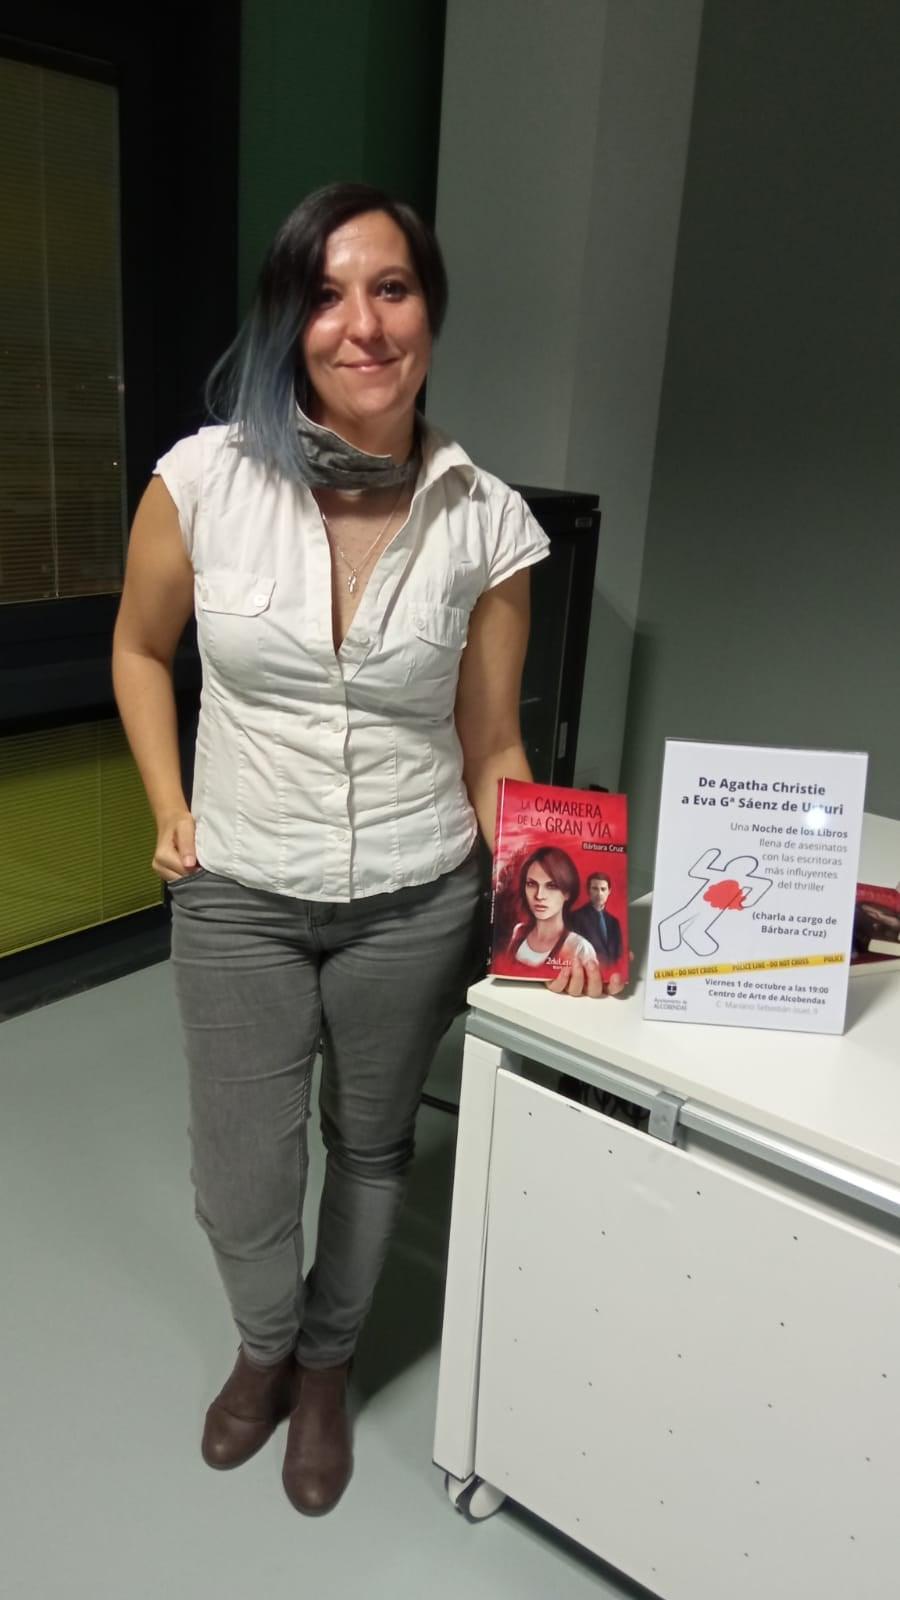 Bárbara Cruz fue la invitada de «La noche de los libros»